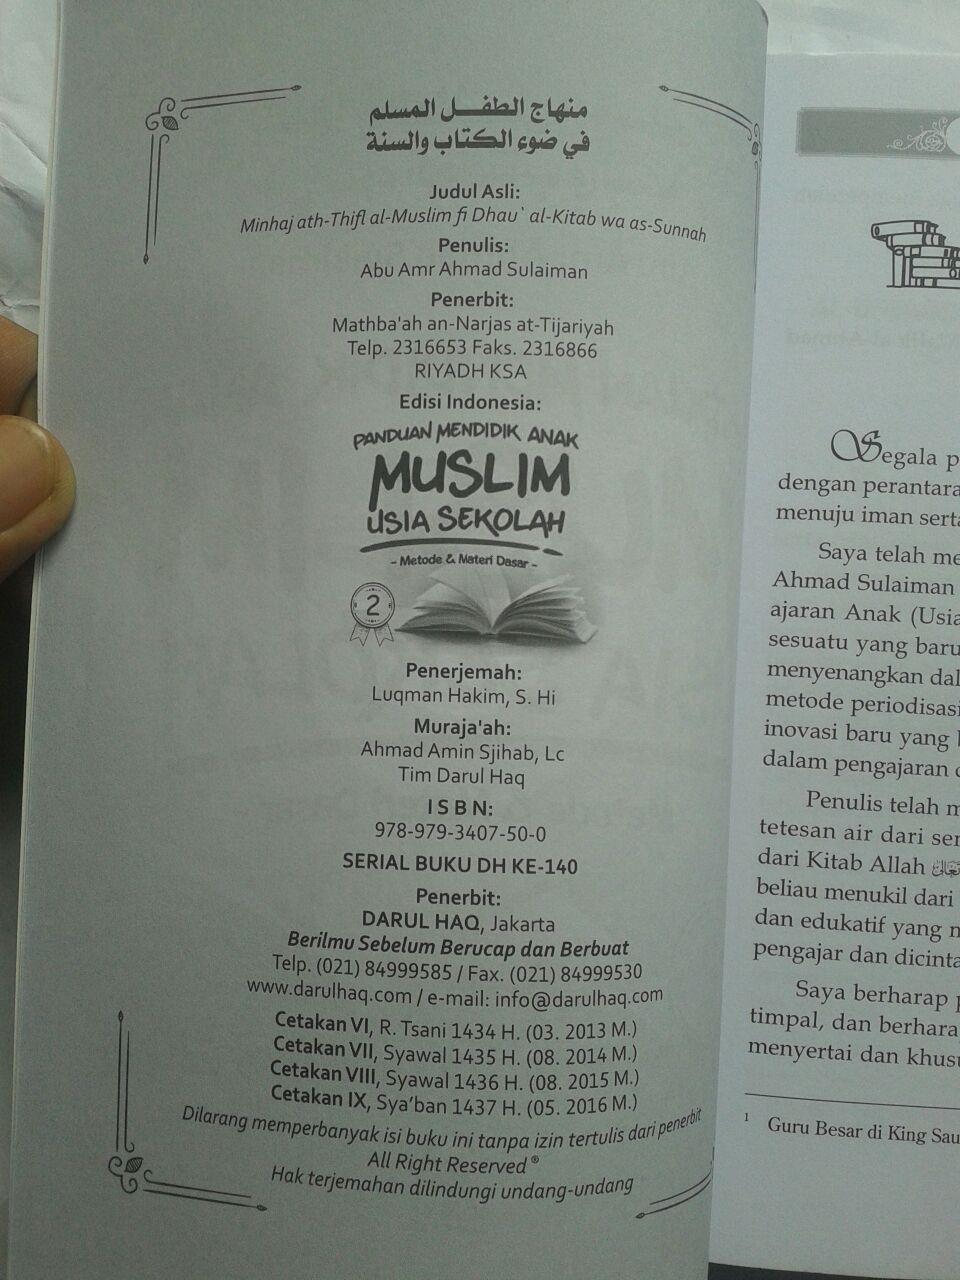 Buku Panduan Mendidik Anak Muslim Usia Sekolah 26,000 15% 22,100 isi 3